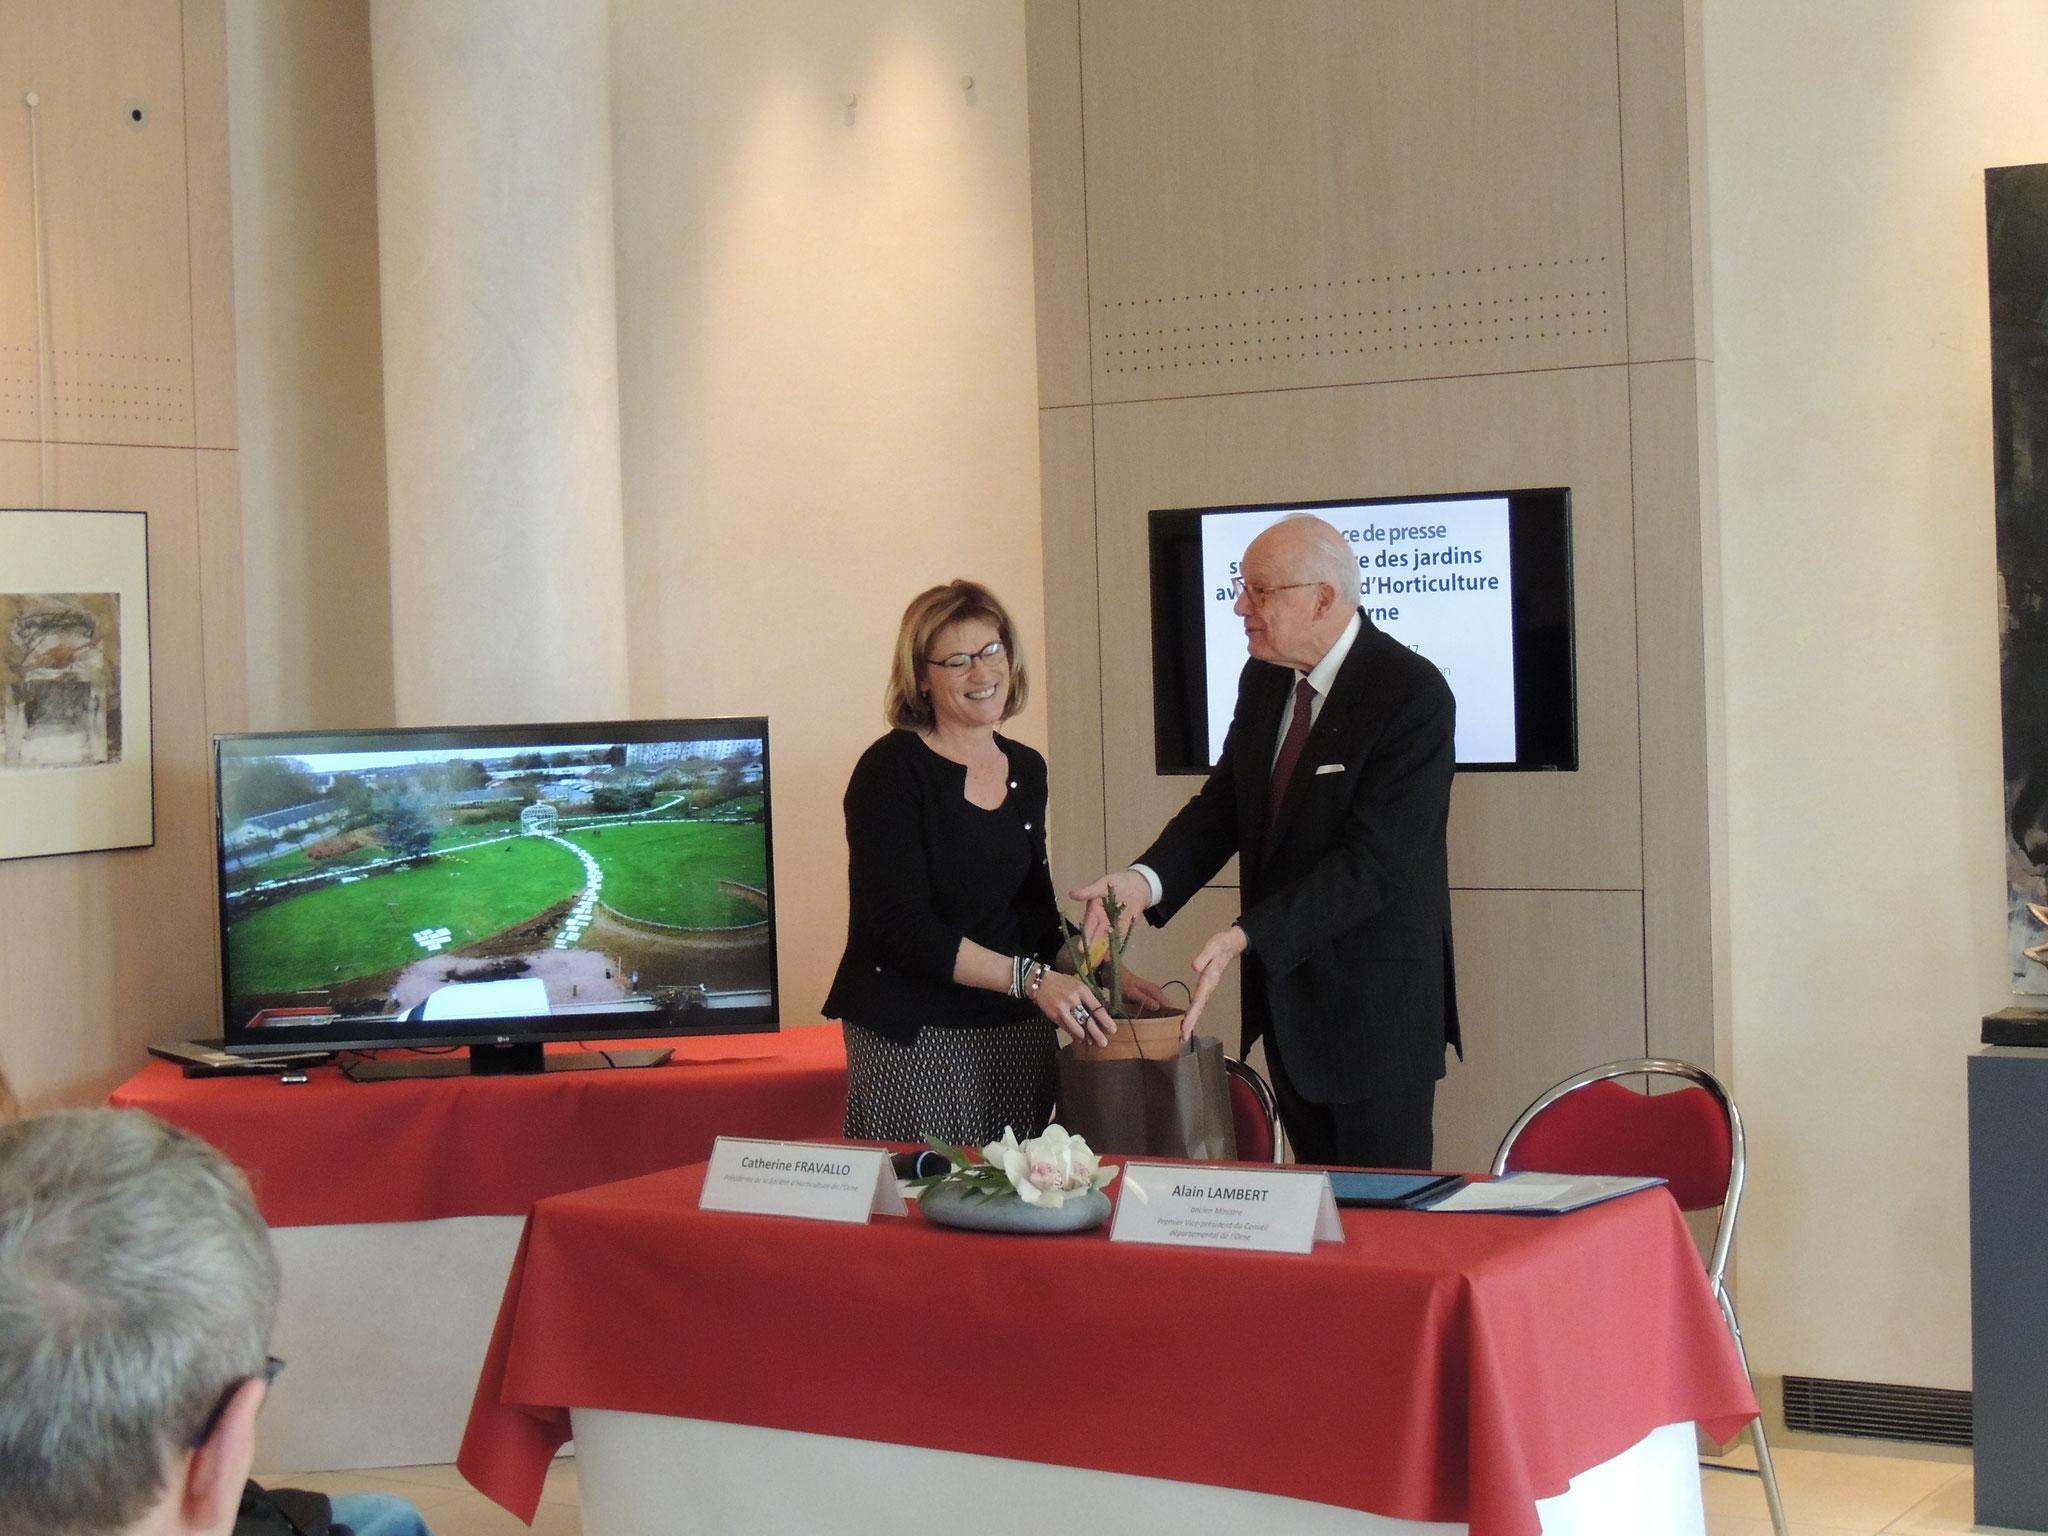 Remise d'un rosier Triomphe d'Alençon au Conseil départemental